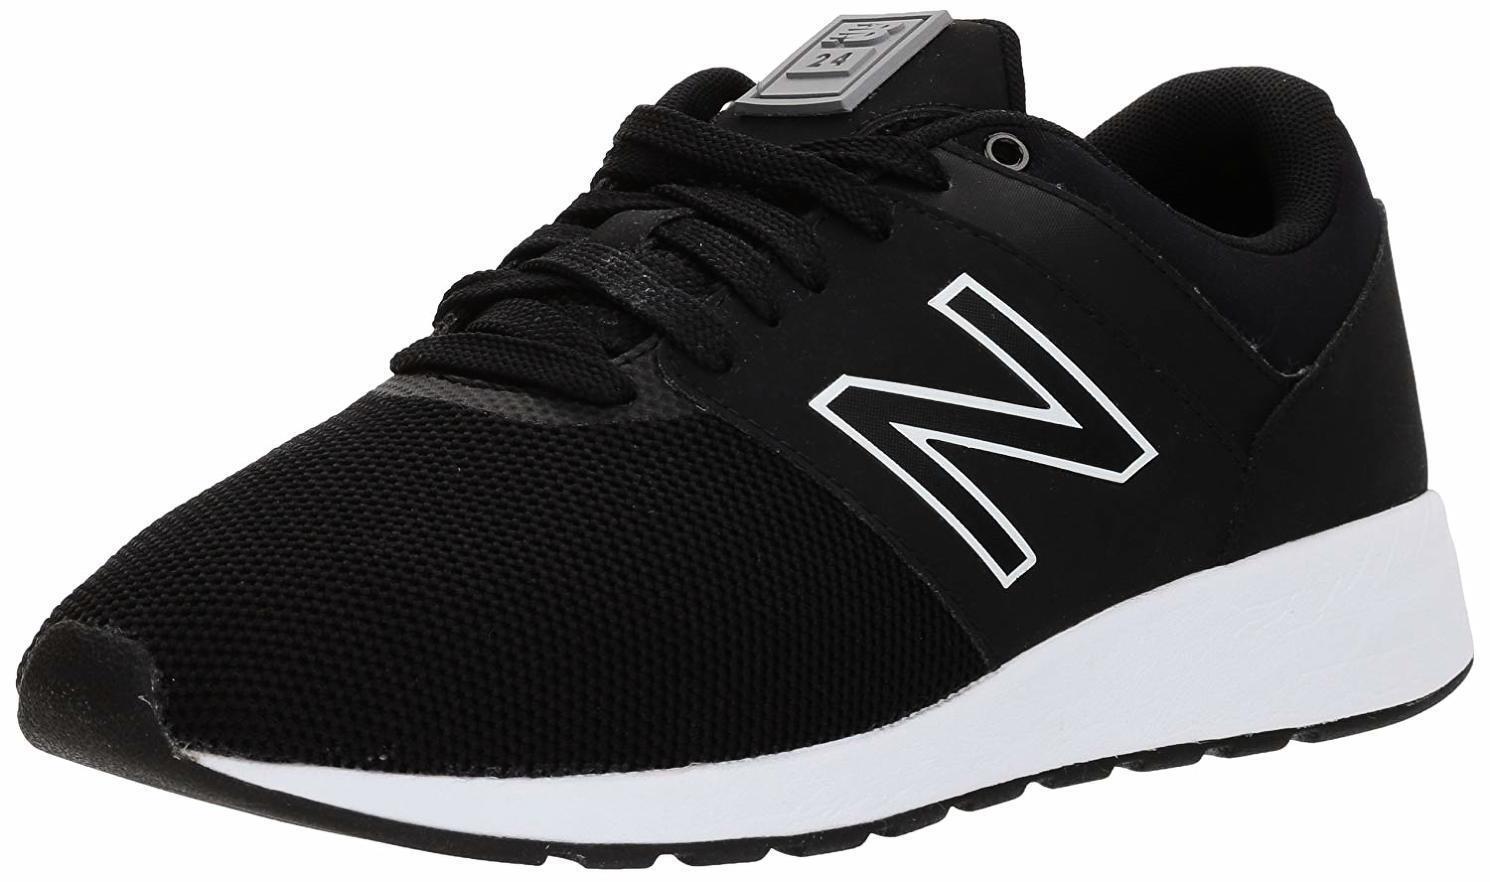 New balance männer menü 24v1 sneaker - menü männer sz / farbe 415ce2